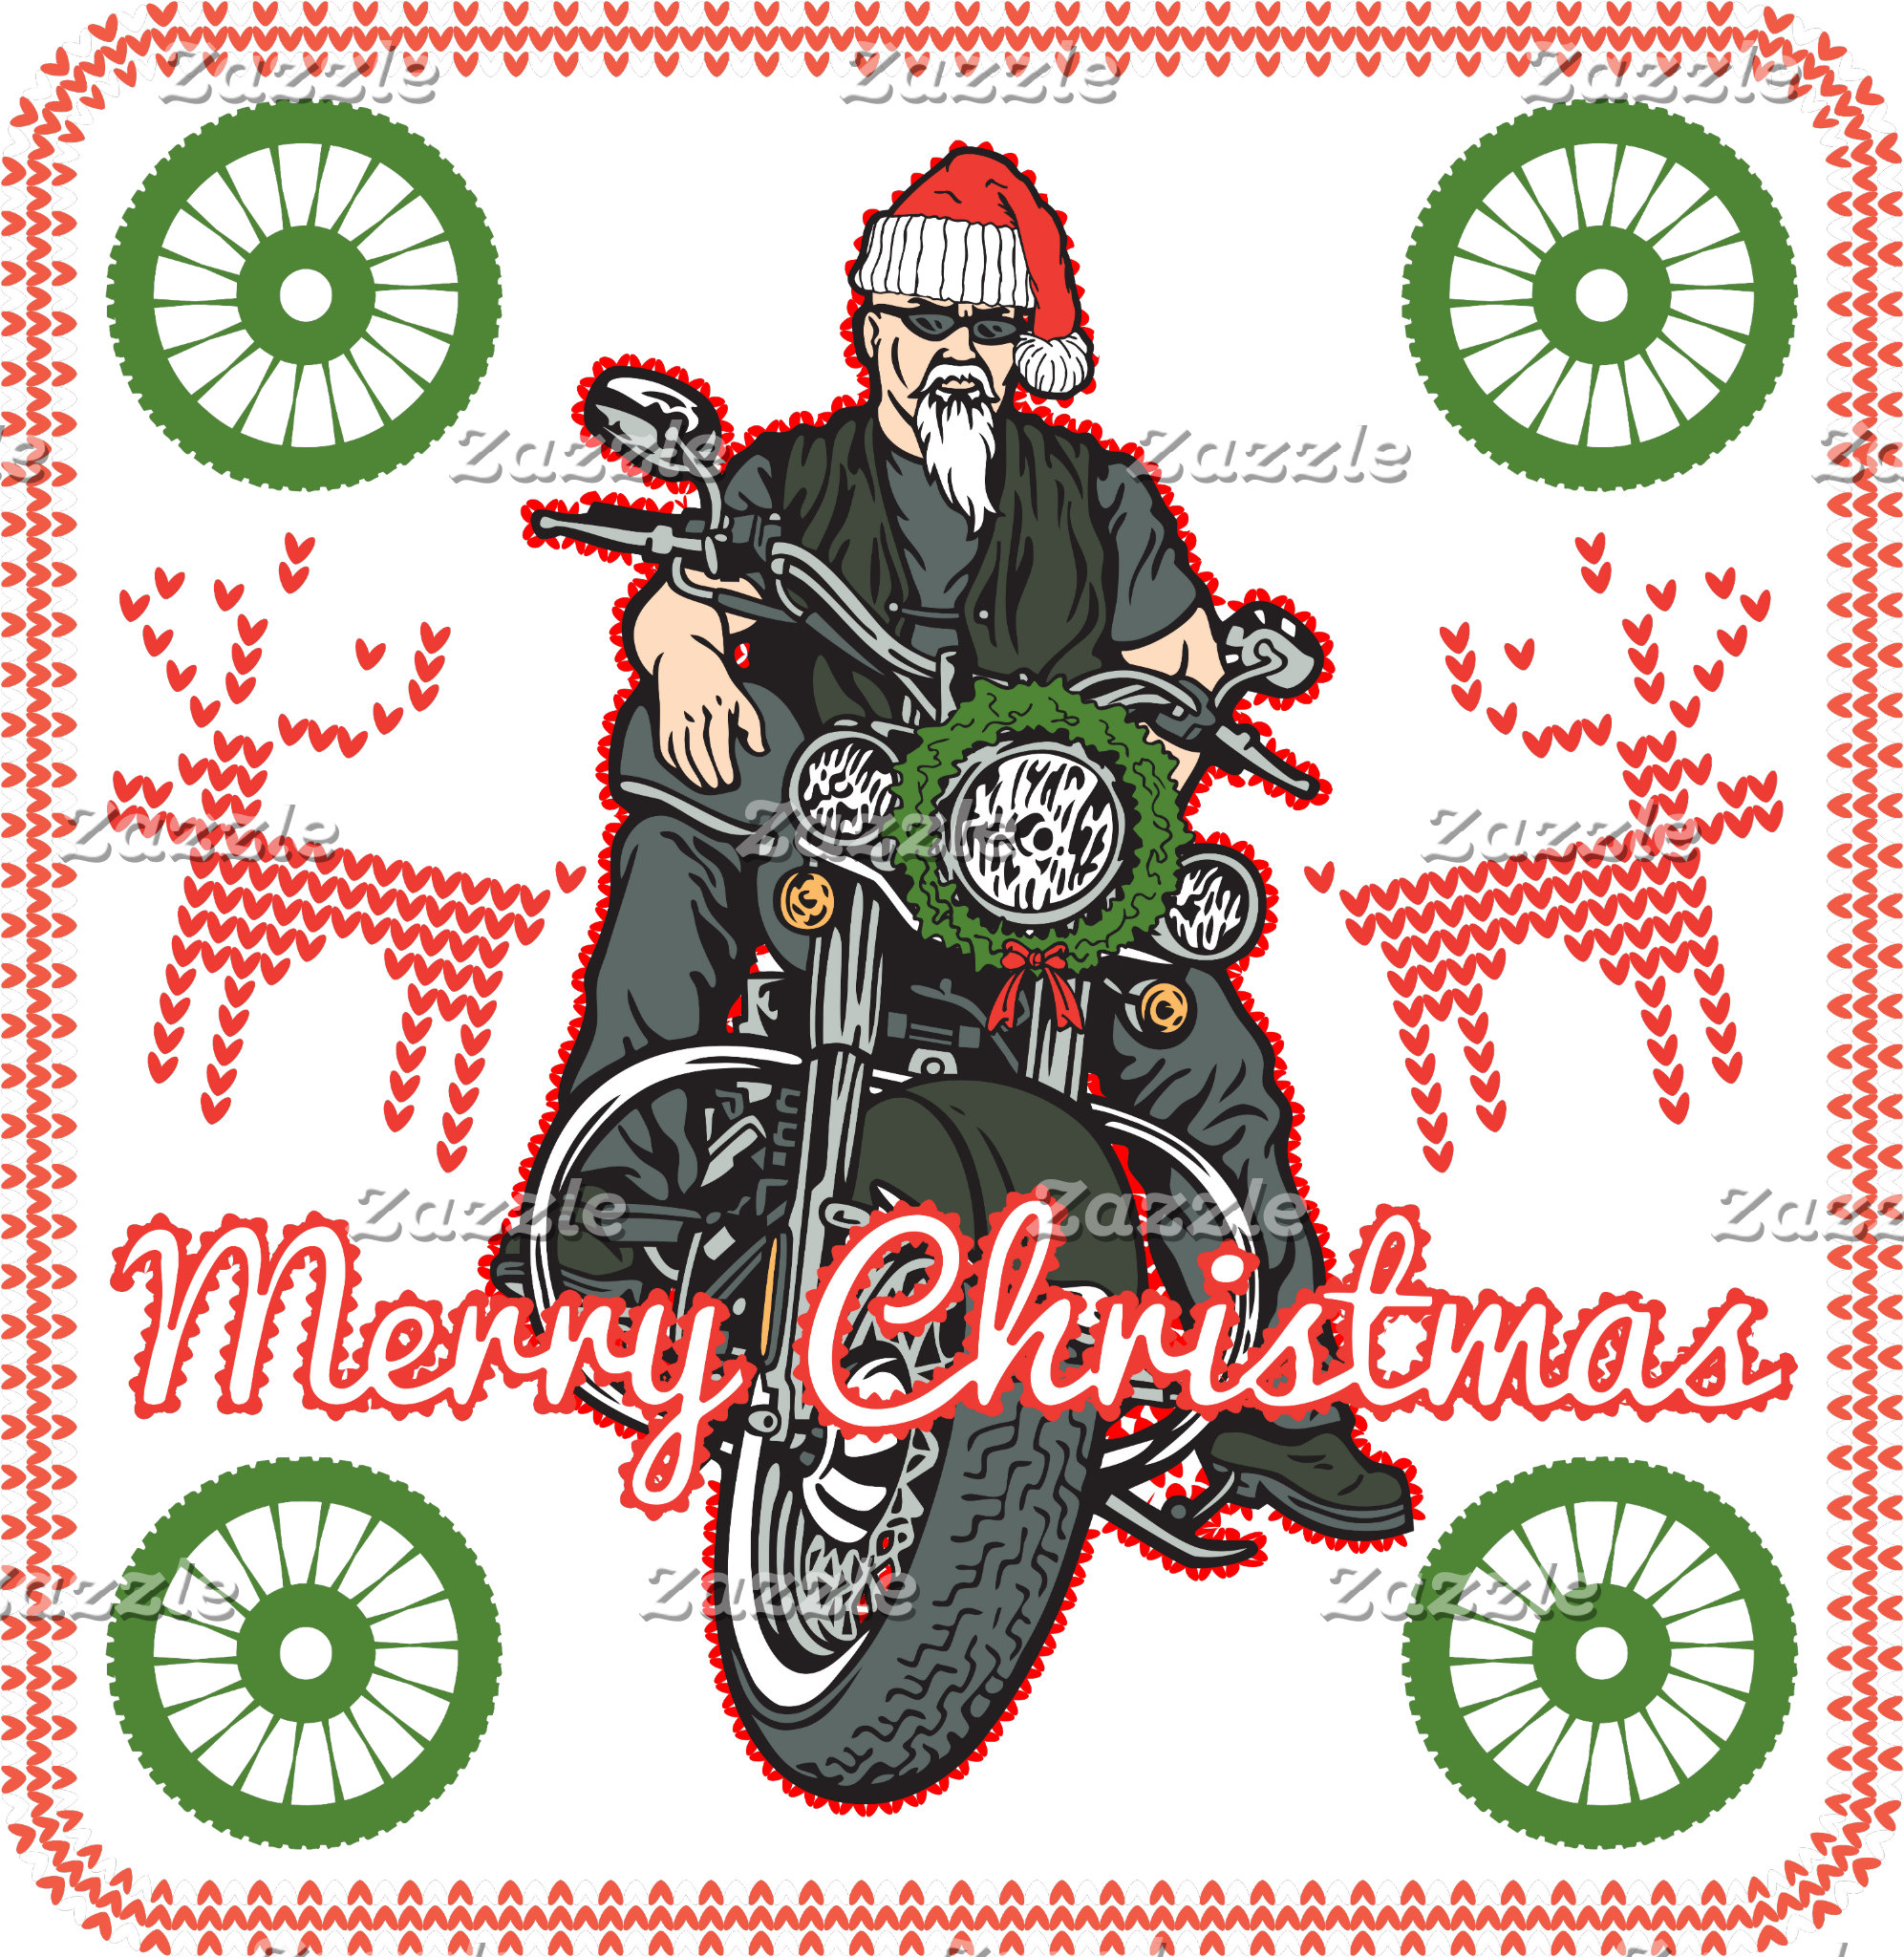 Merry Christmas Santa Biker Motorcycle Holiday